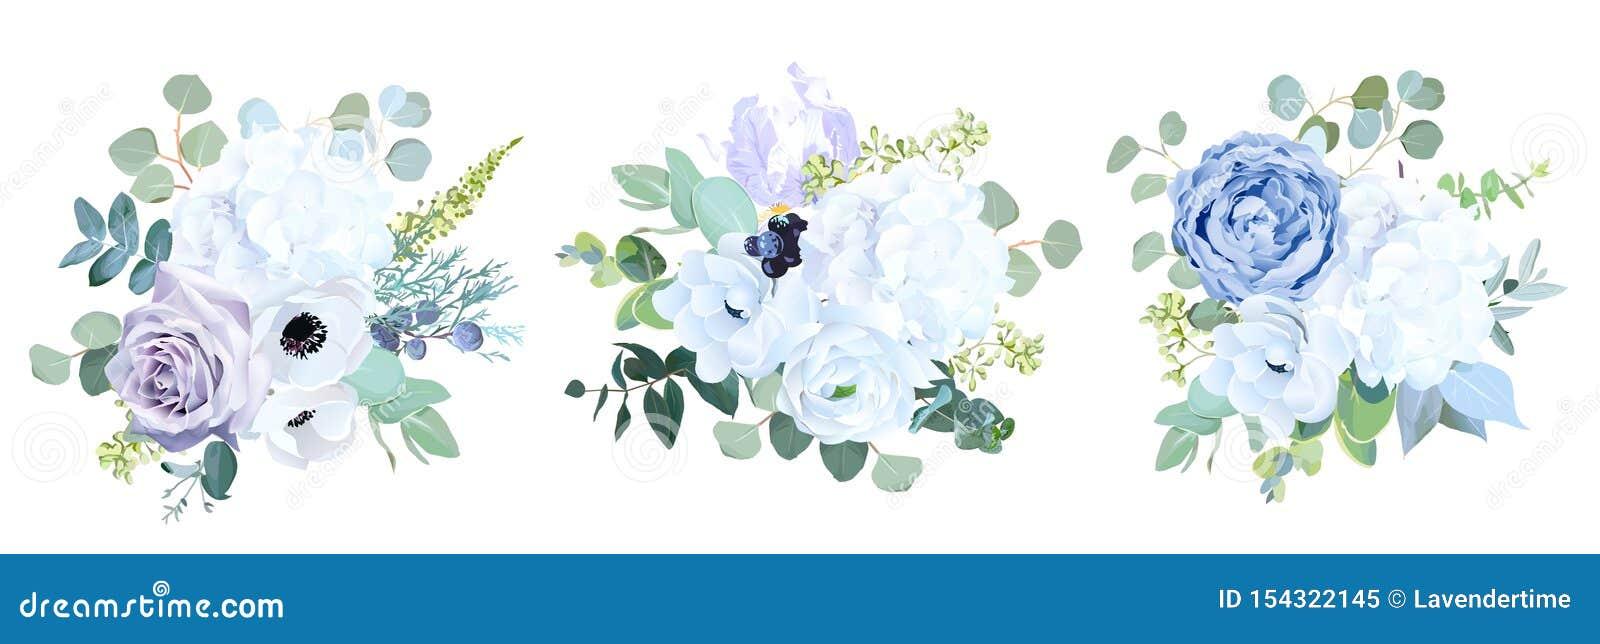 Rosa Roxa Azul Palida Empoeirada Hortensia Branca Ranunculo Iris Flor Da Anemona Ilustracao Do Vetor Ilustracao De Palida Empoeirada 154322145